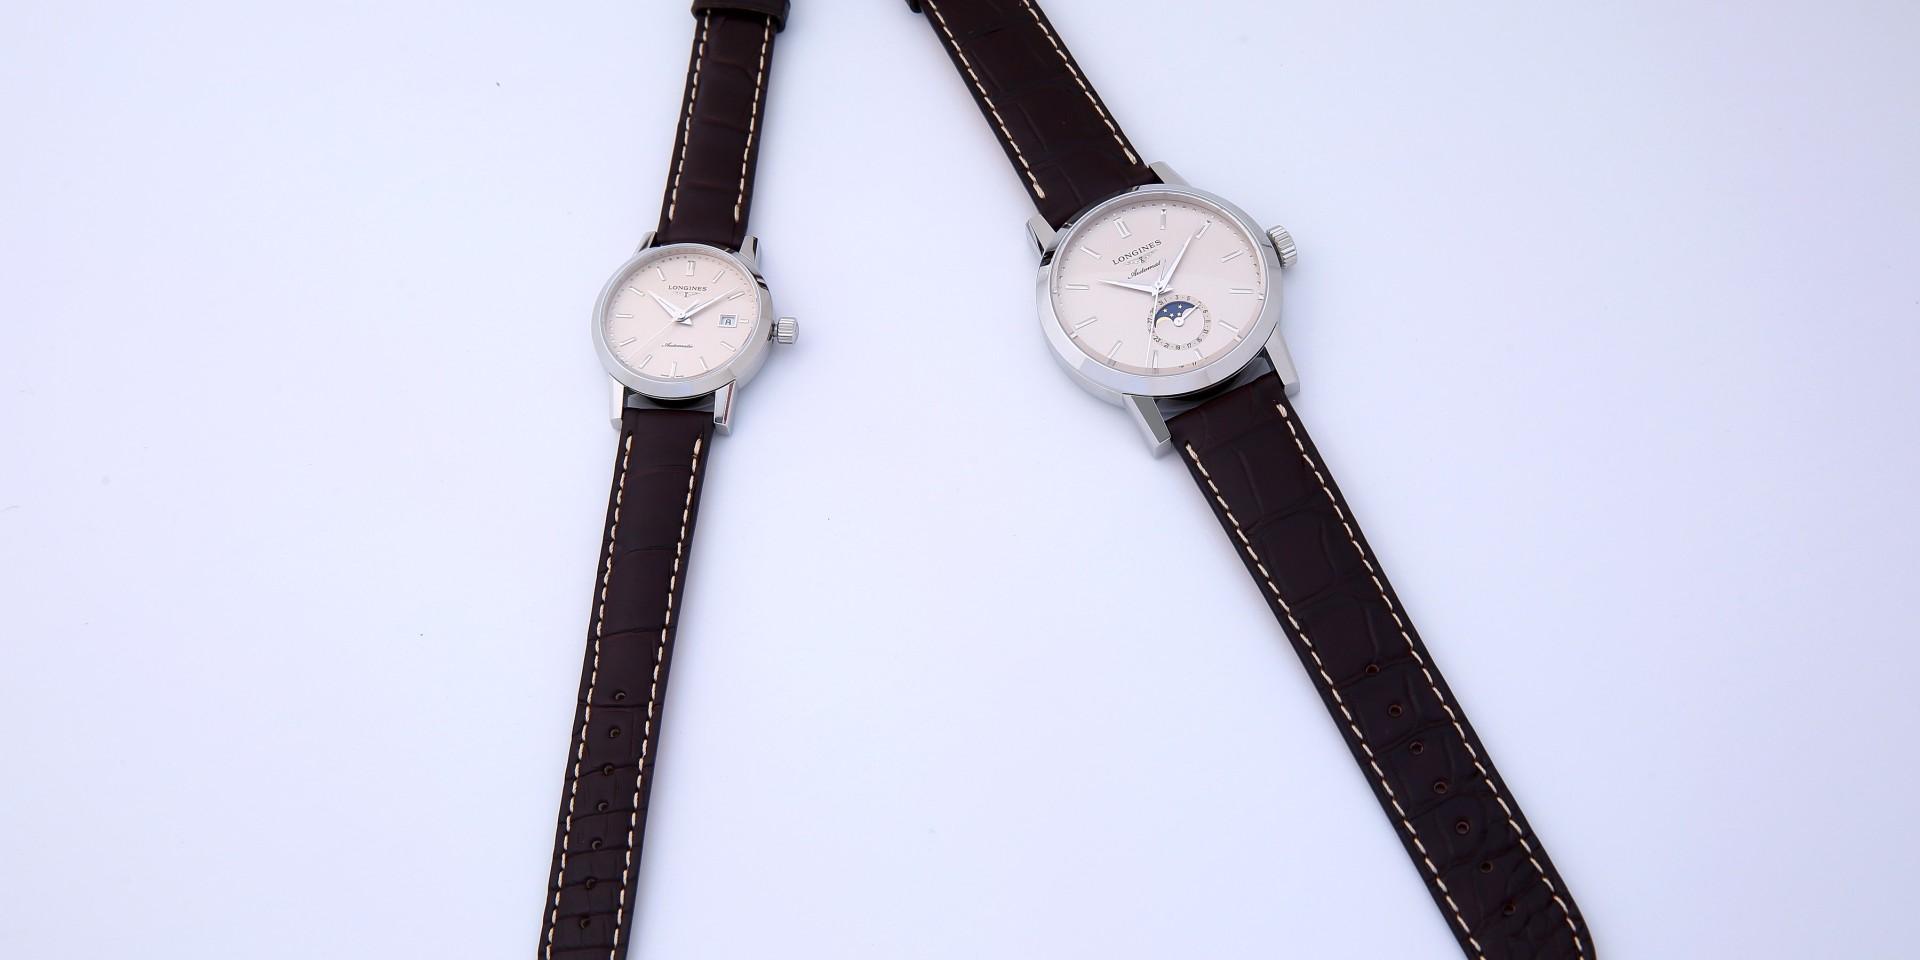 祝賀優雅代言人林志玲新婚,Longines浪琴表獻上全新1832系列對錶